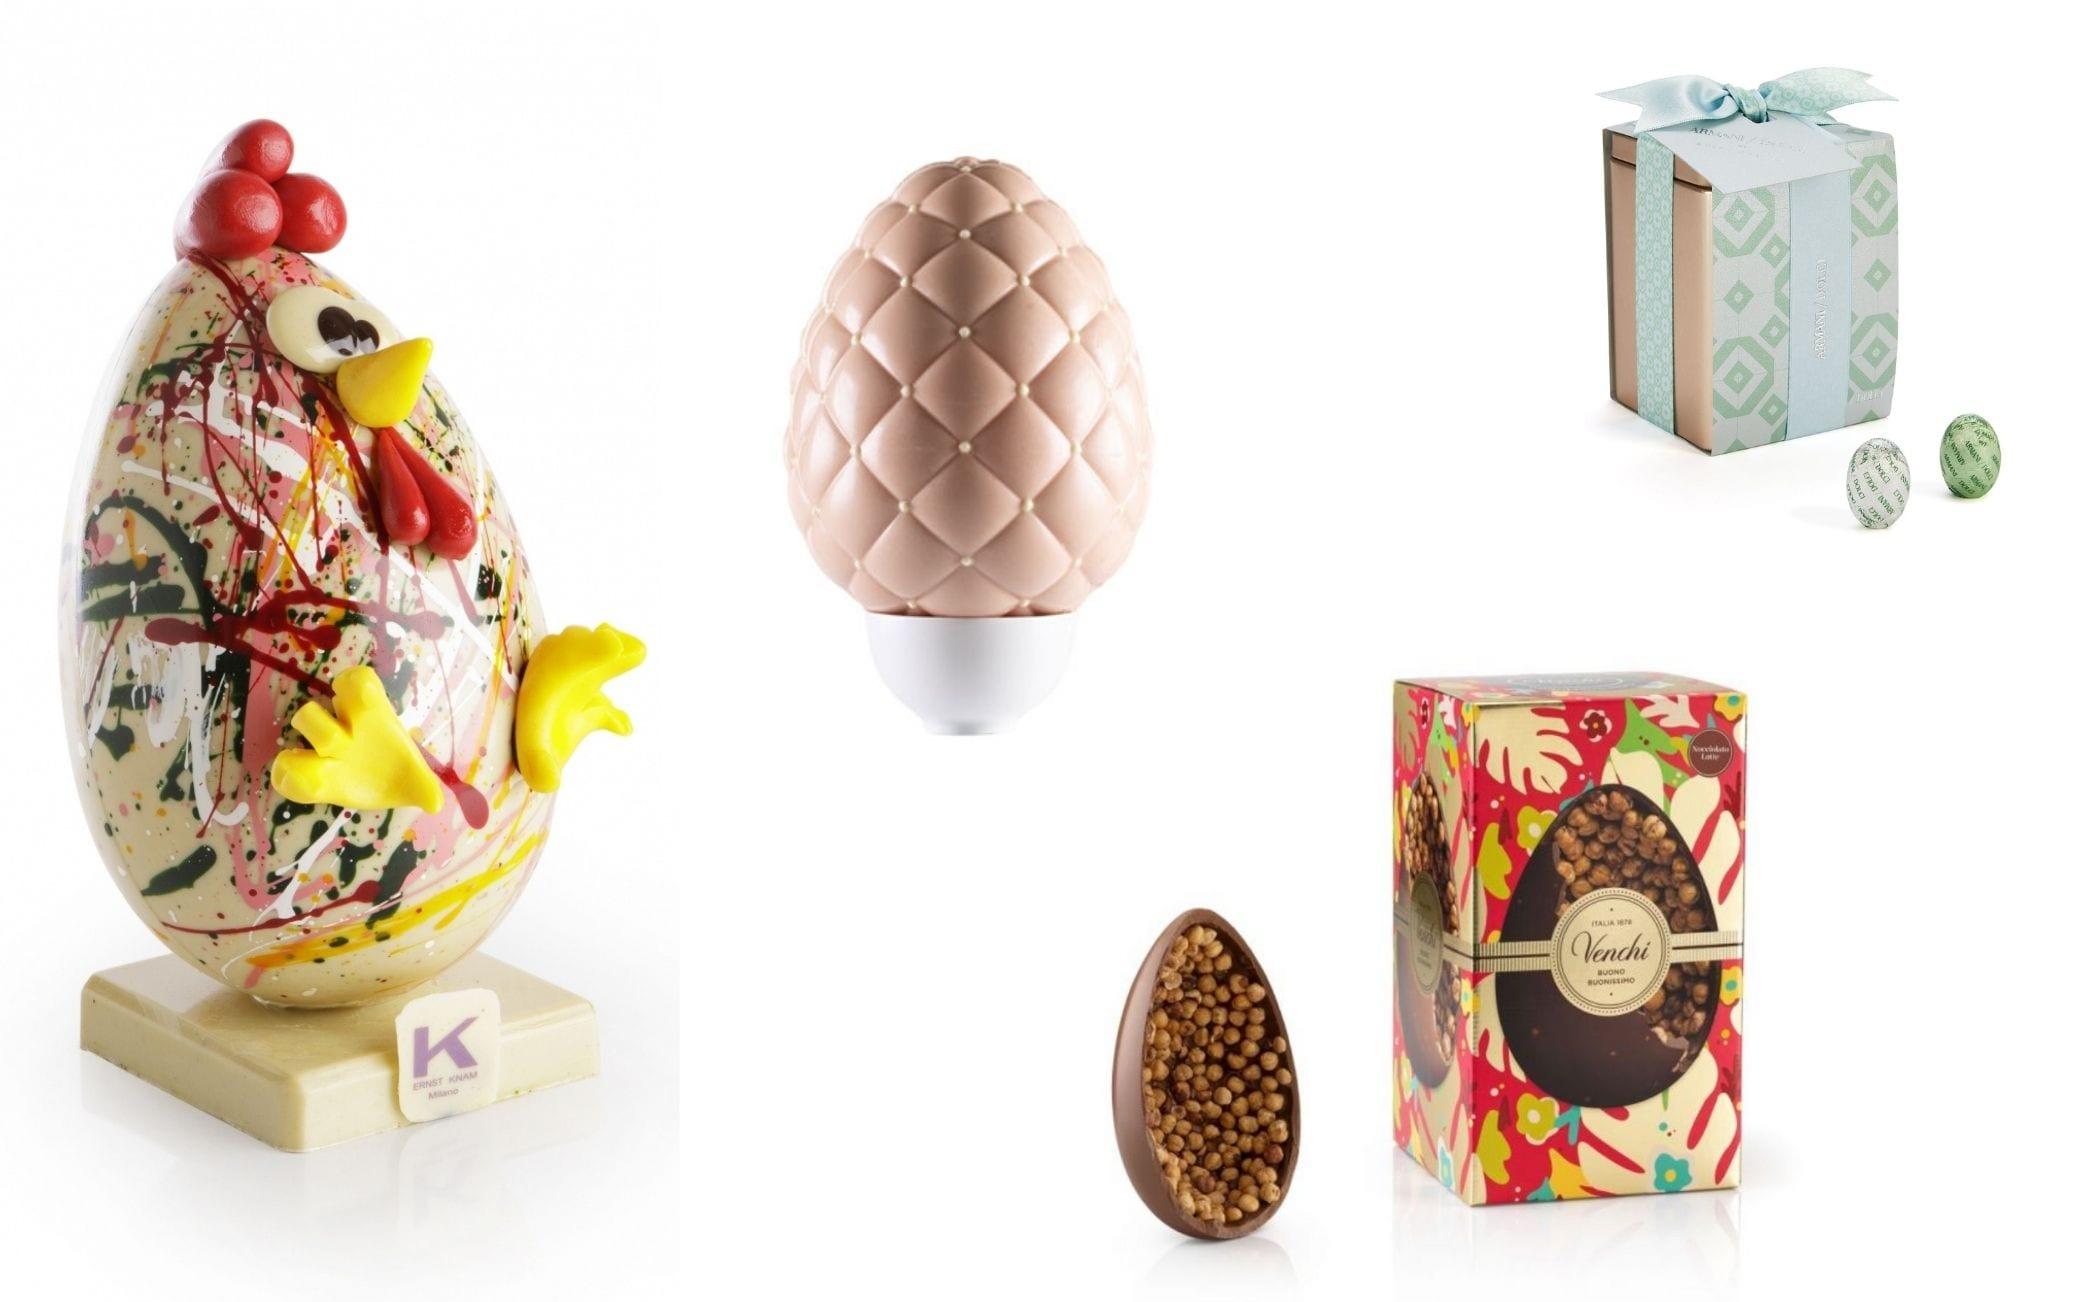 Le uova di Pasqua 2021 da comprare e regalare. FOTO